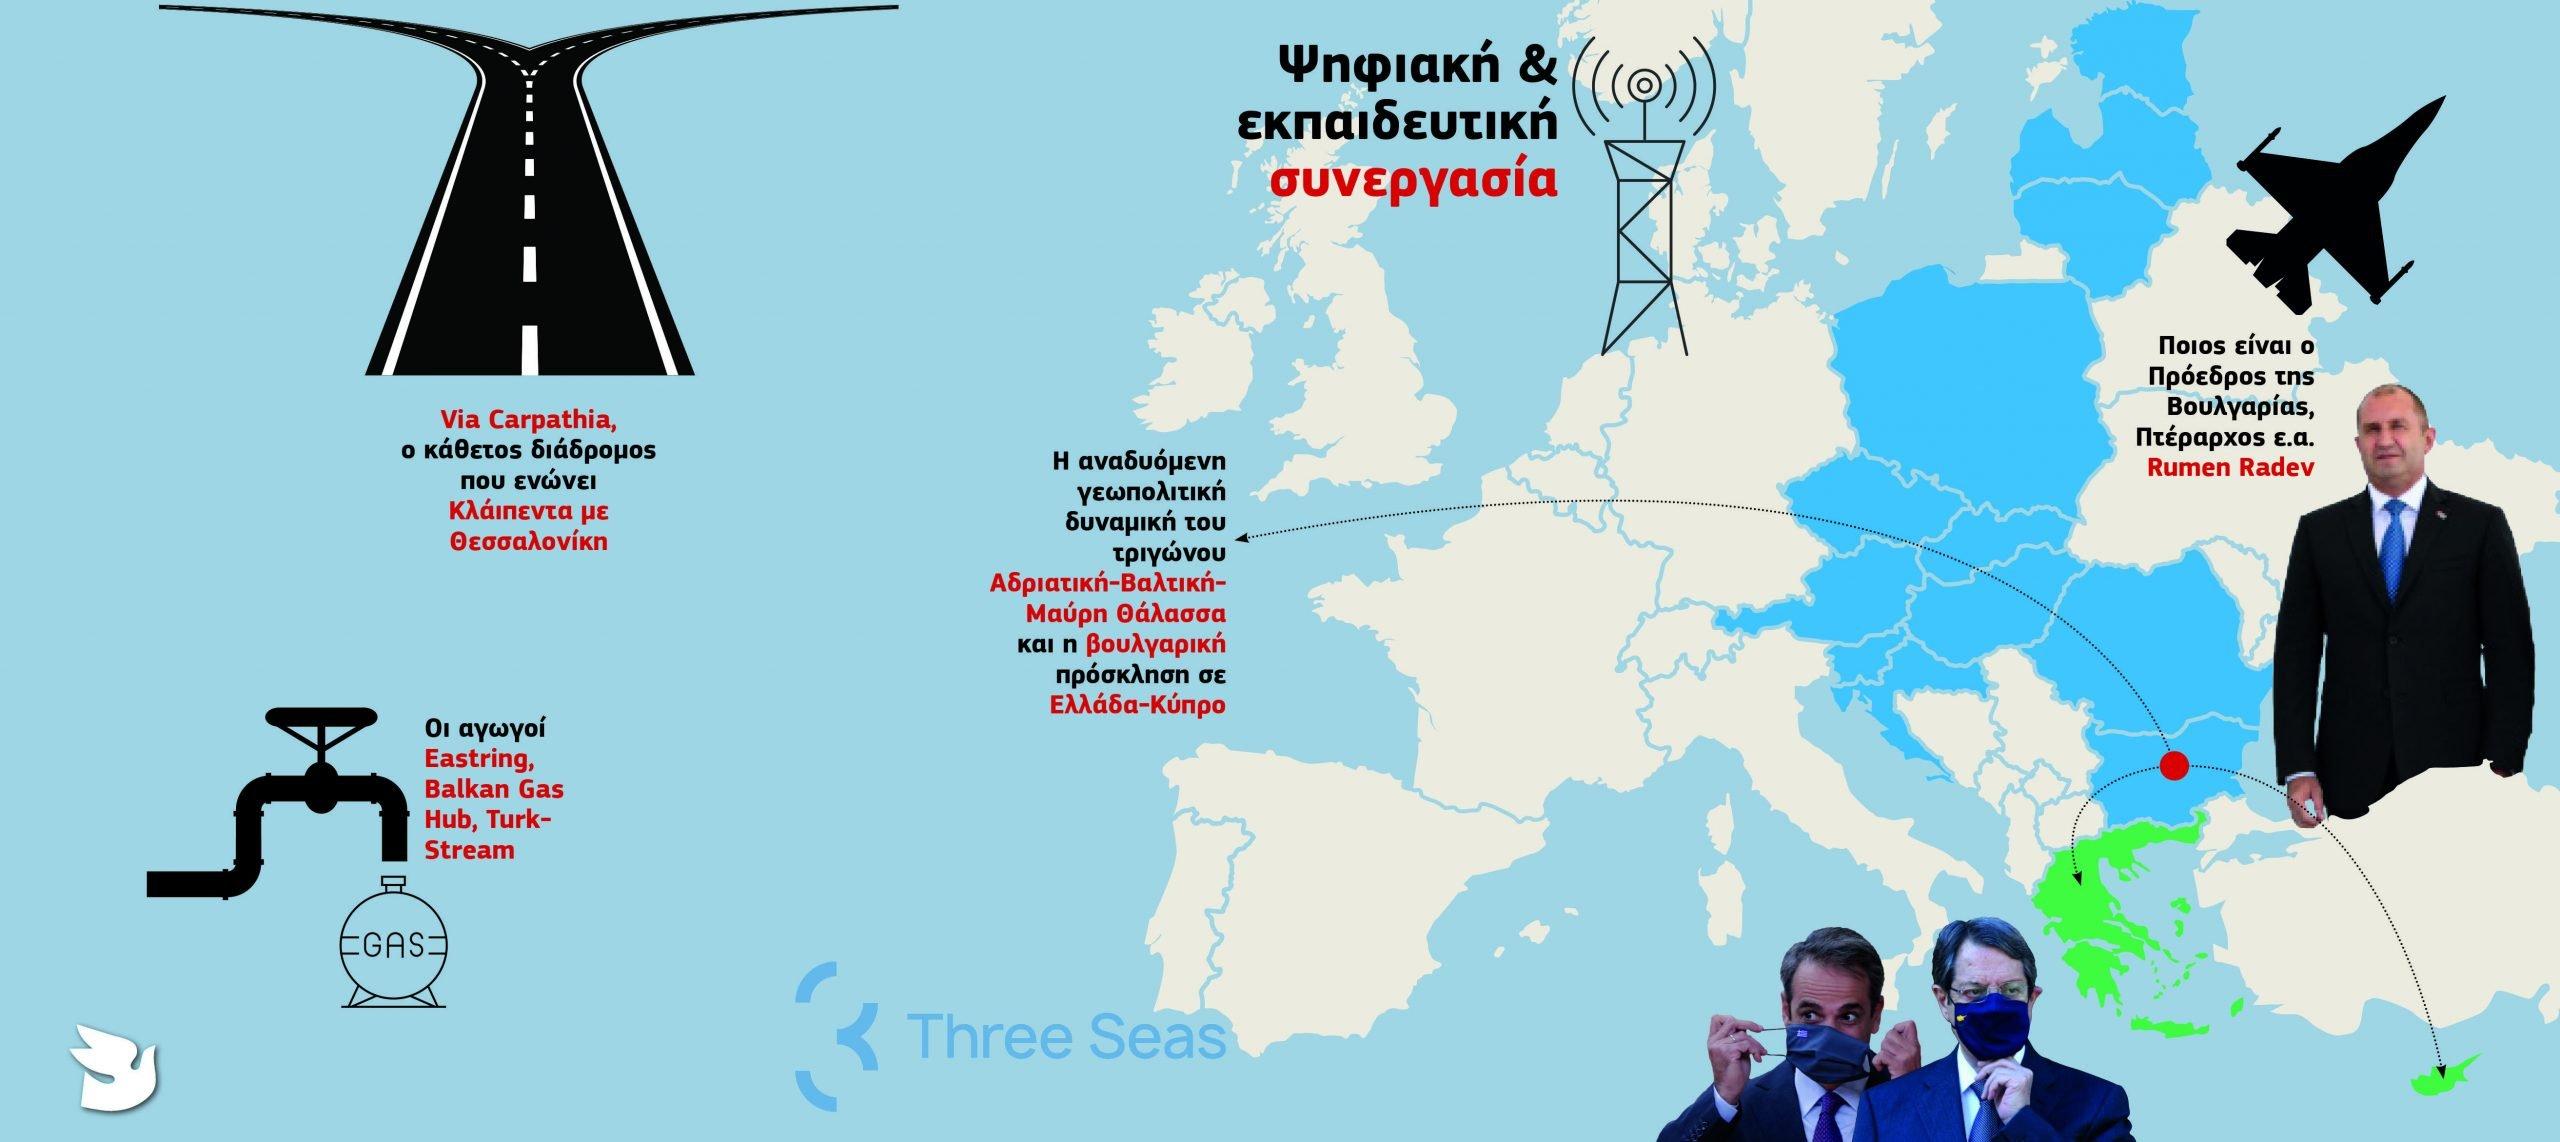 «Πρωτοβουλία των Τριών Θαλασσών» – Βουλγαρική πρόταση για συμπερίληψη Κύπρου και Ελλάδας